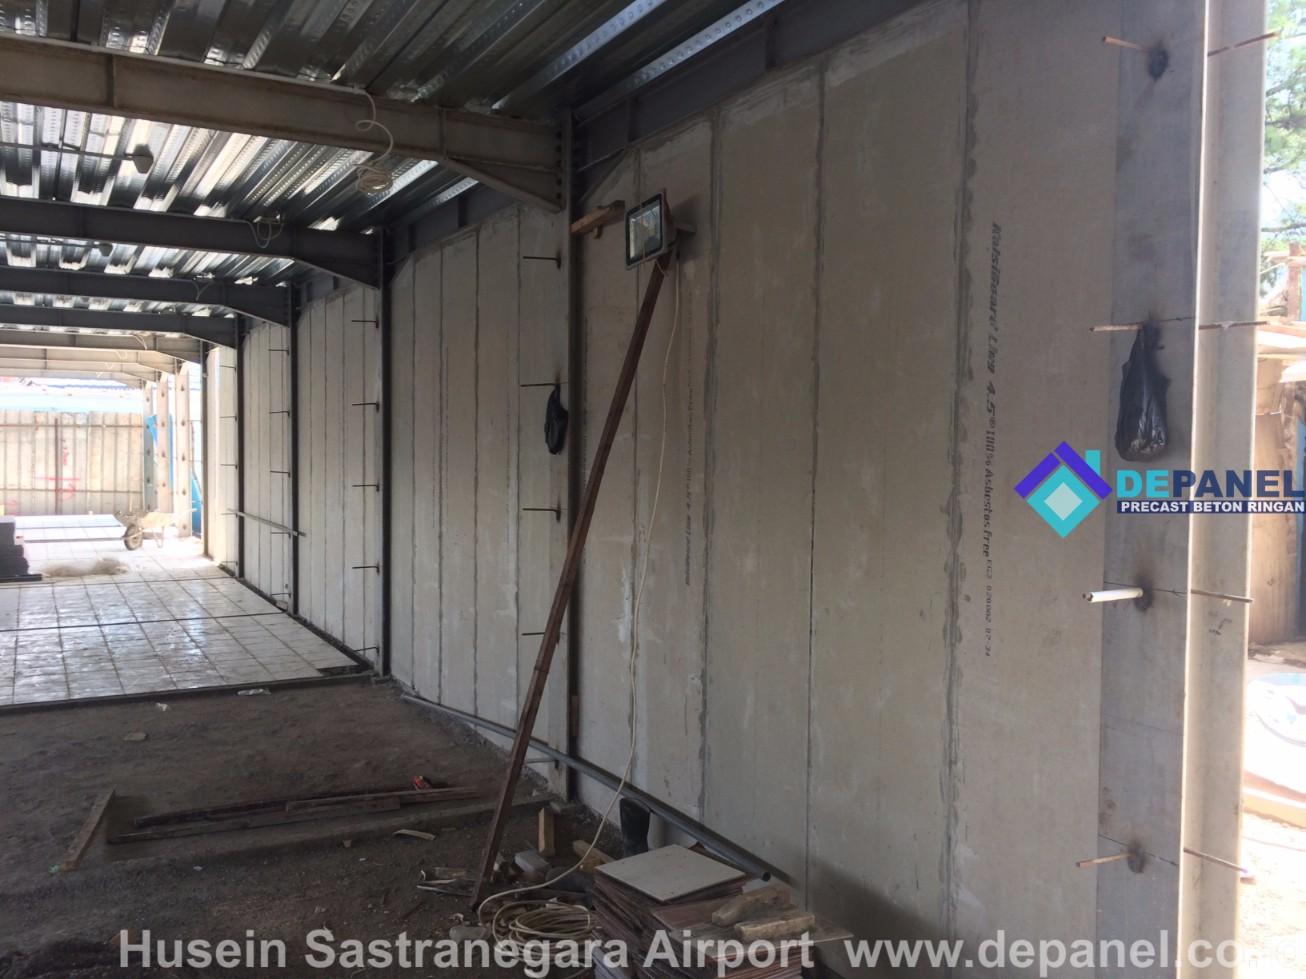 airport, husein sastranegara, bandung, panel dinding, beton ringan, panel beton, depanel, panel